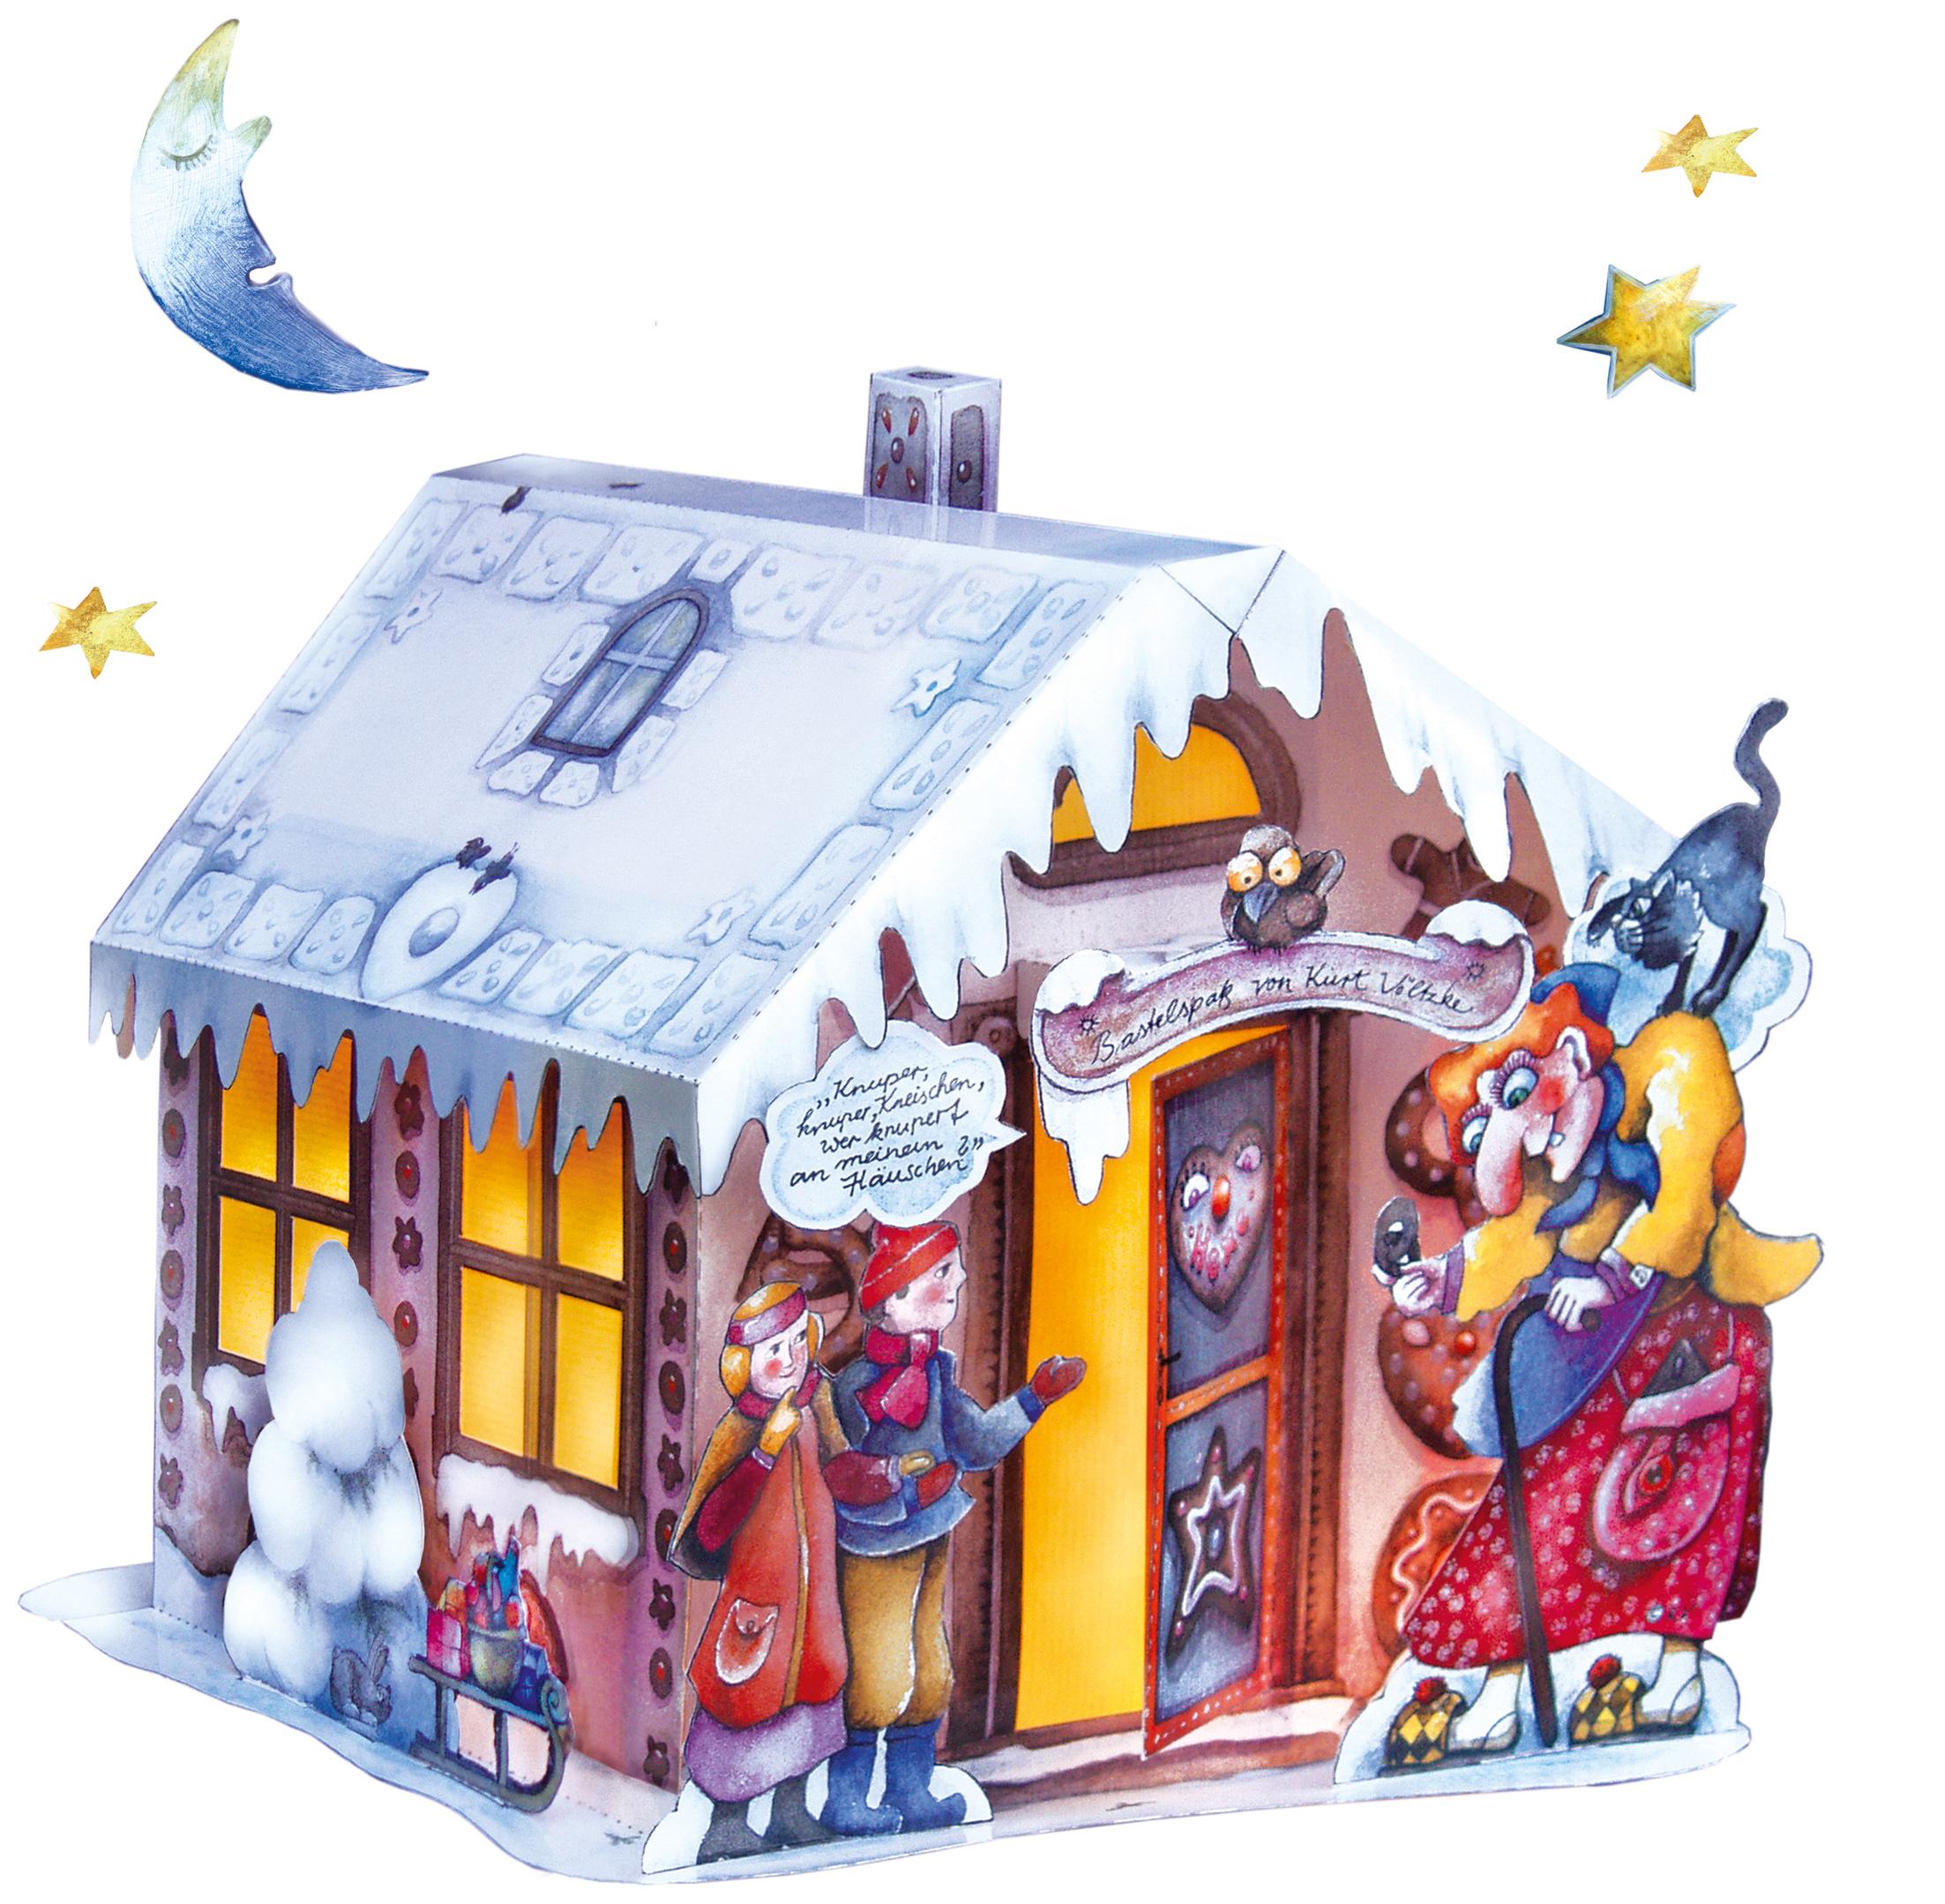 Lichterhaus Lebkuchenhaus Bastelbogen Hänsel und Gretel Grimm Märchen Advent Weihnachten